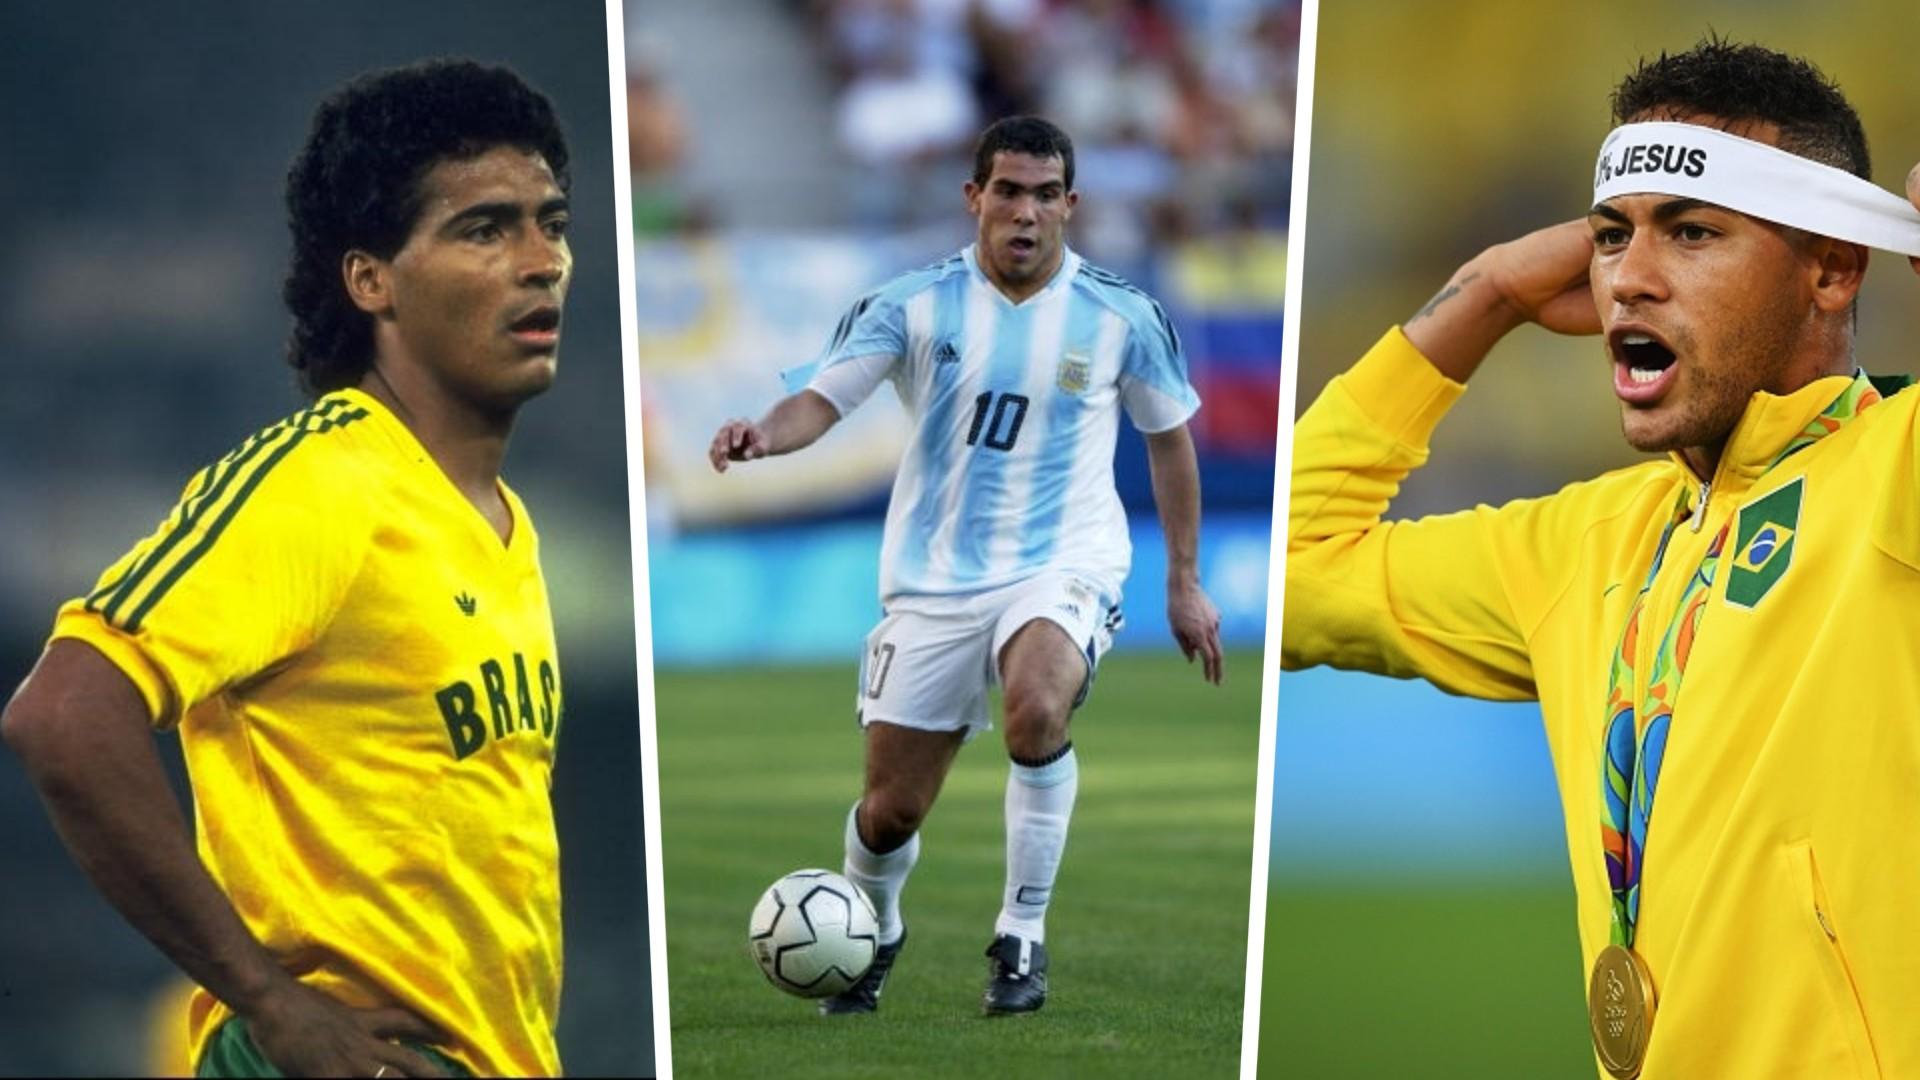 ओलम्पिक फुटबलमा सर्वाधिक गोलकर्ता को हुन् ? सूचीमा टेभेजदेखि नेइमारसम्म